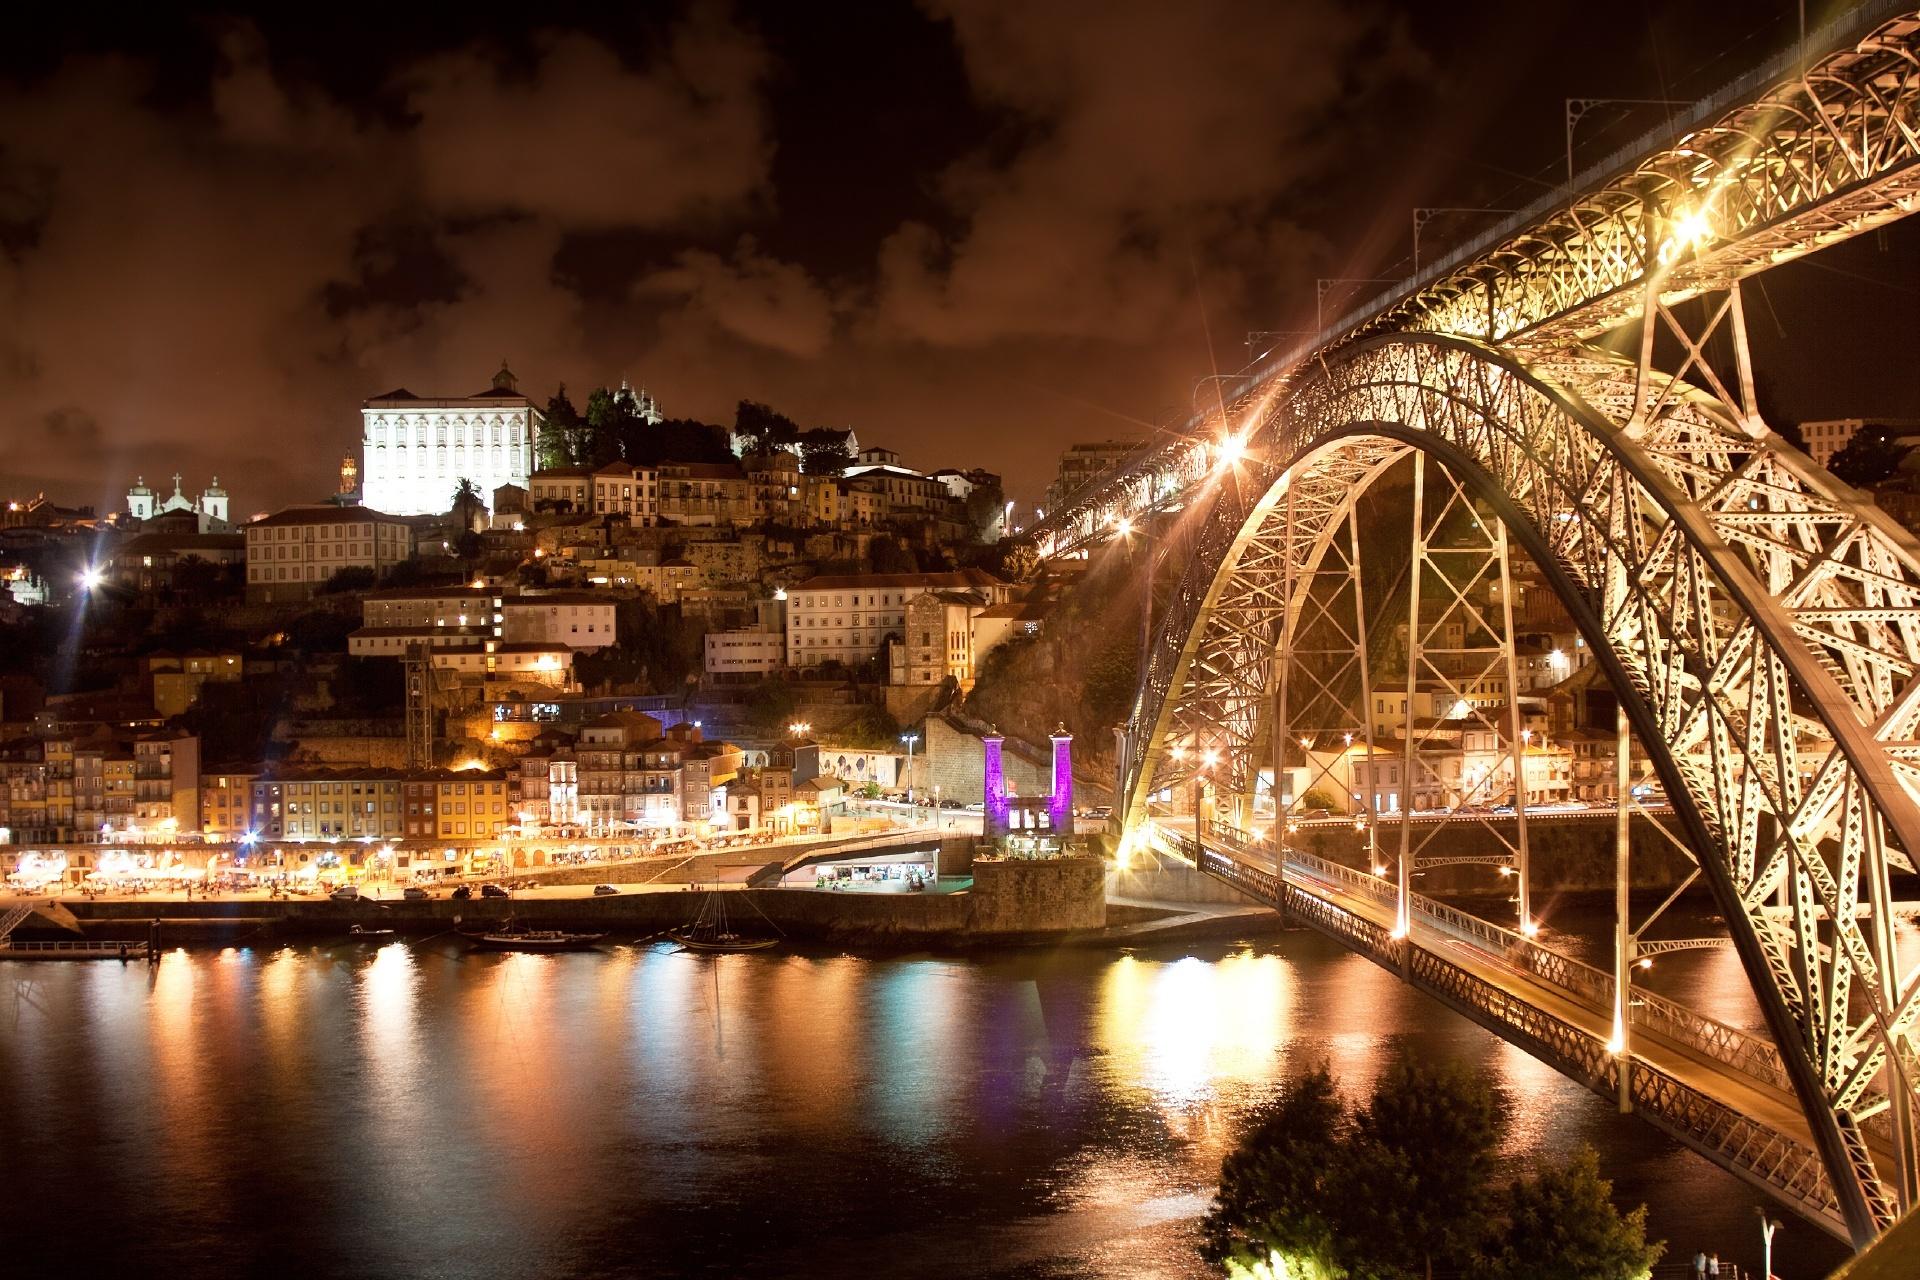 夜のドン・ルイス1世橋 ポルトガルの風景